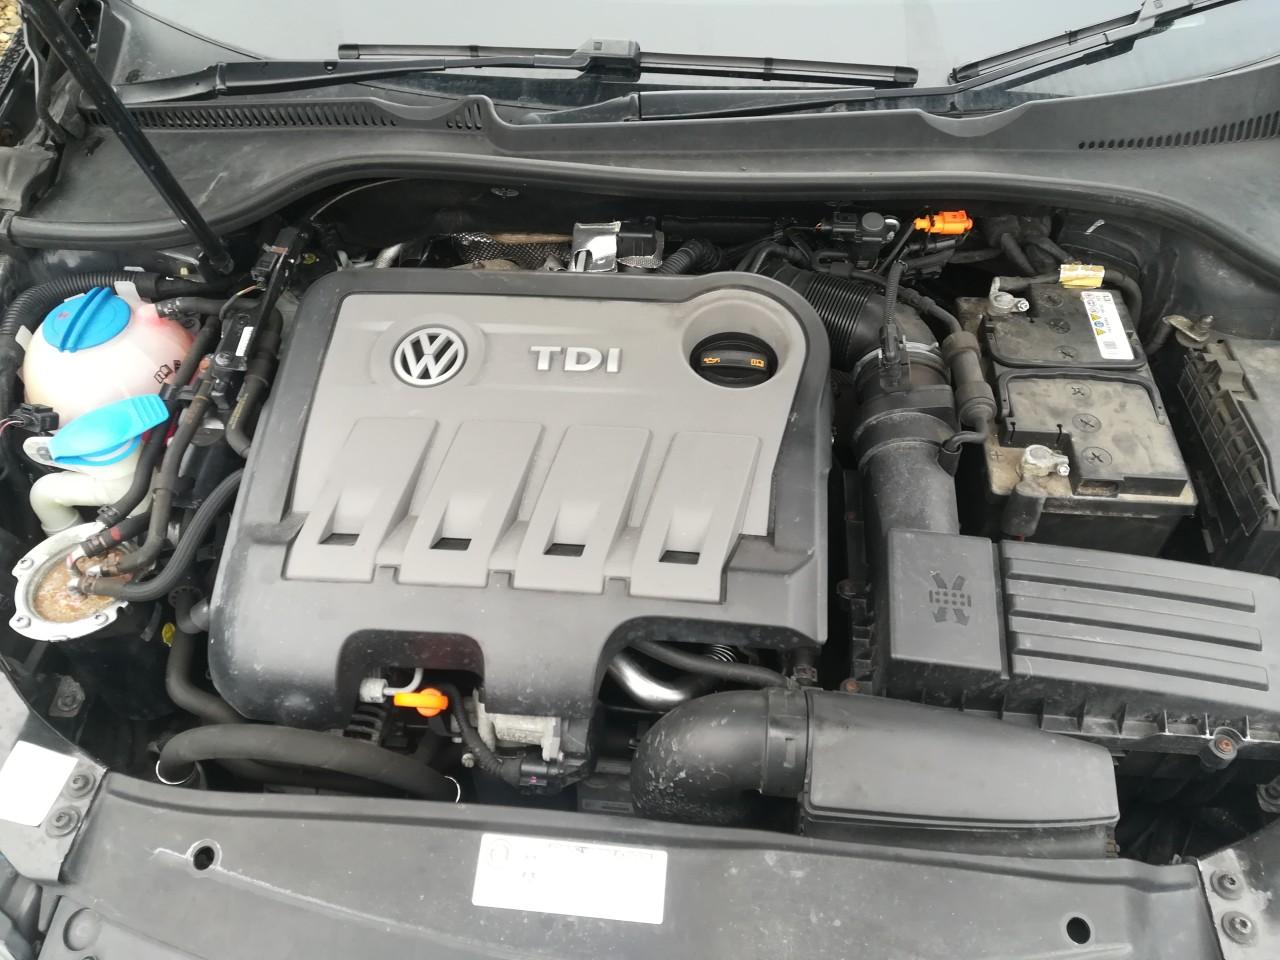 Dezmembrez Vw golf 6 breck combi 2.0 tdi 103kw motor CHF din 2012